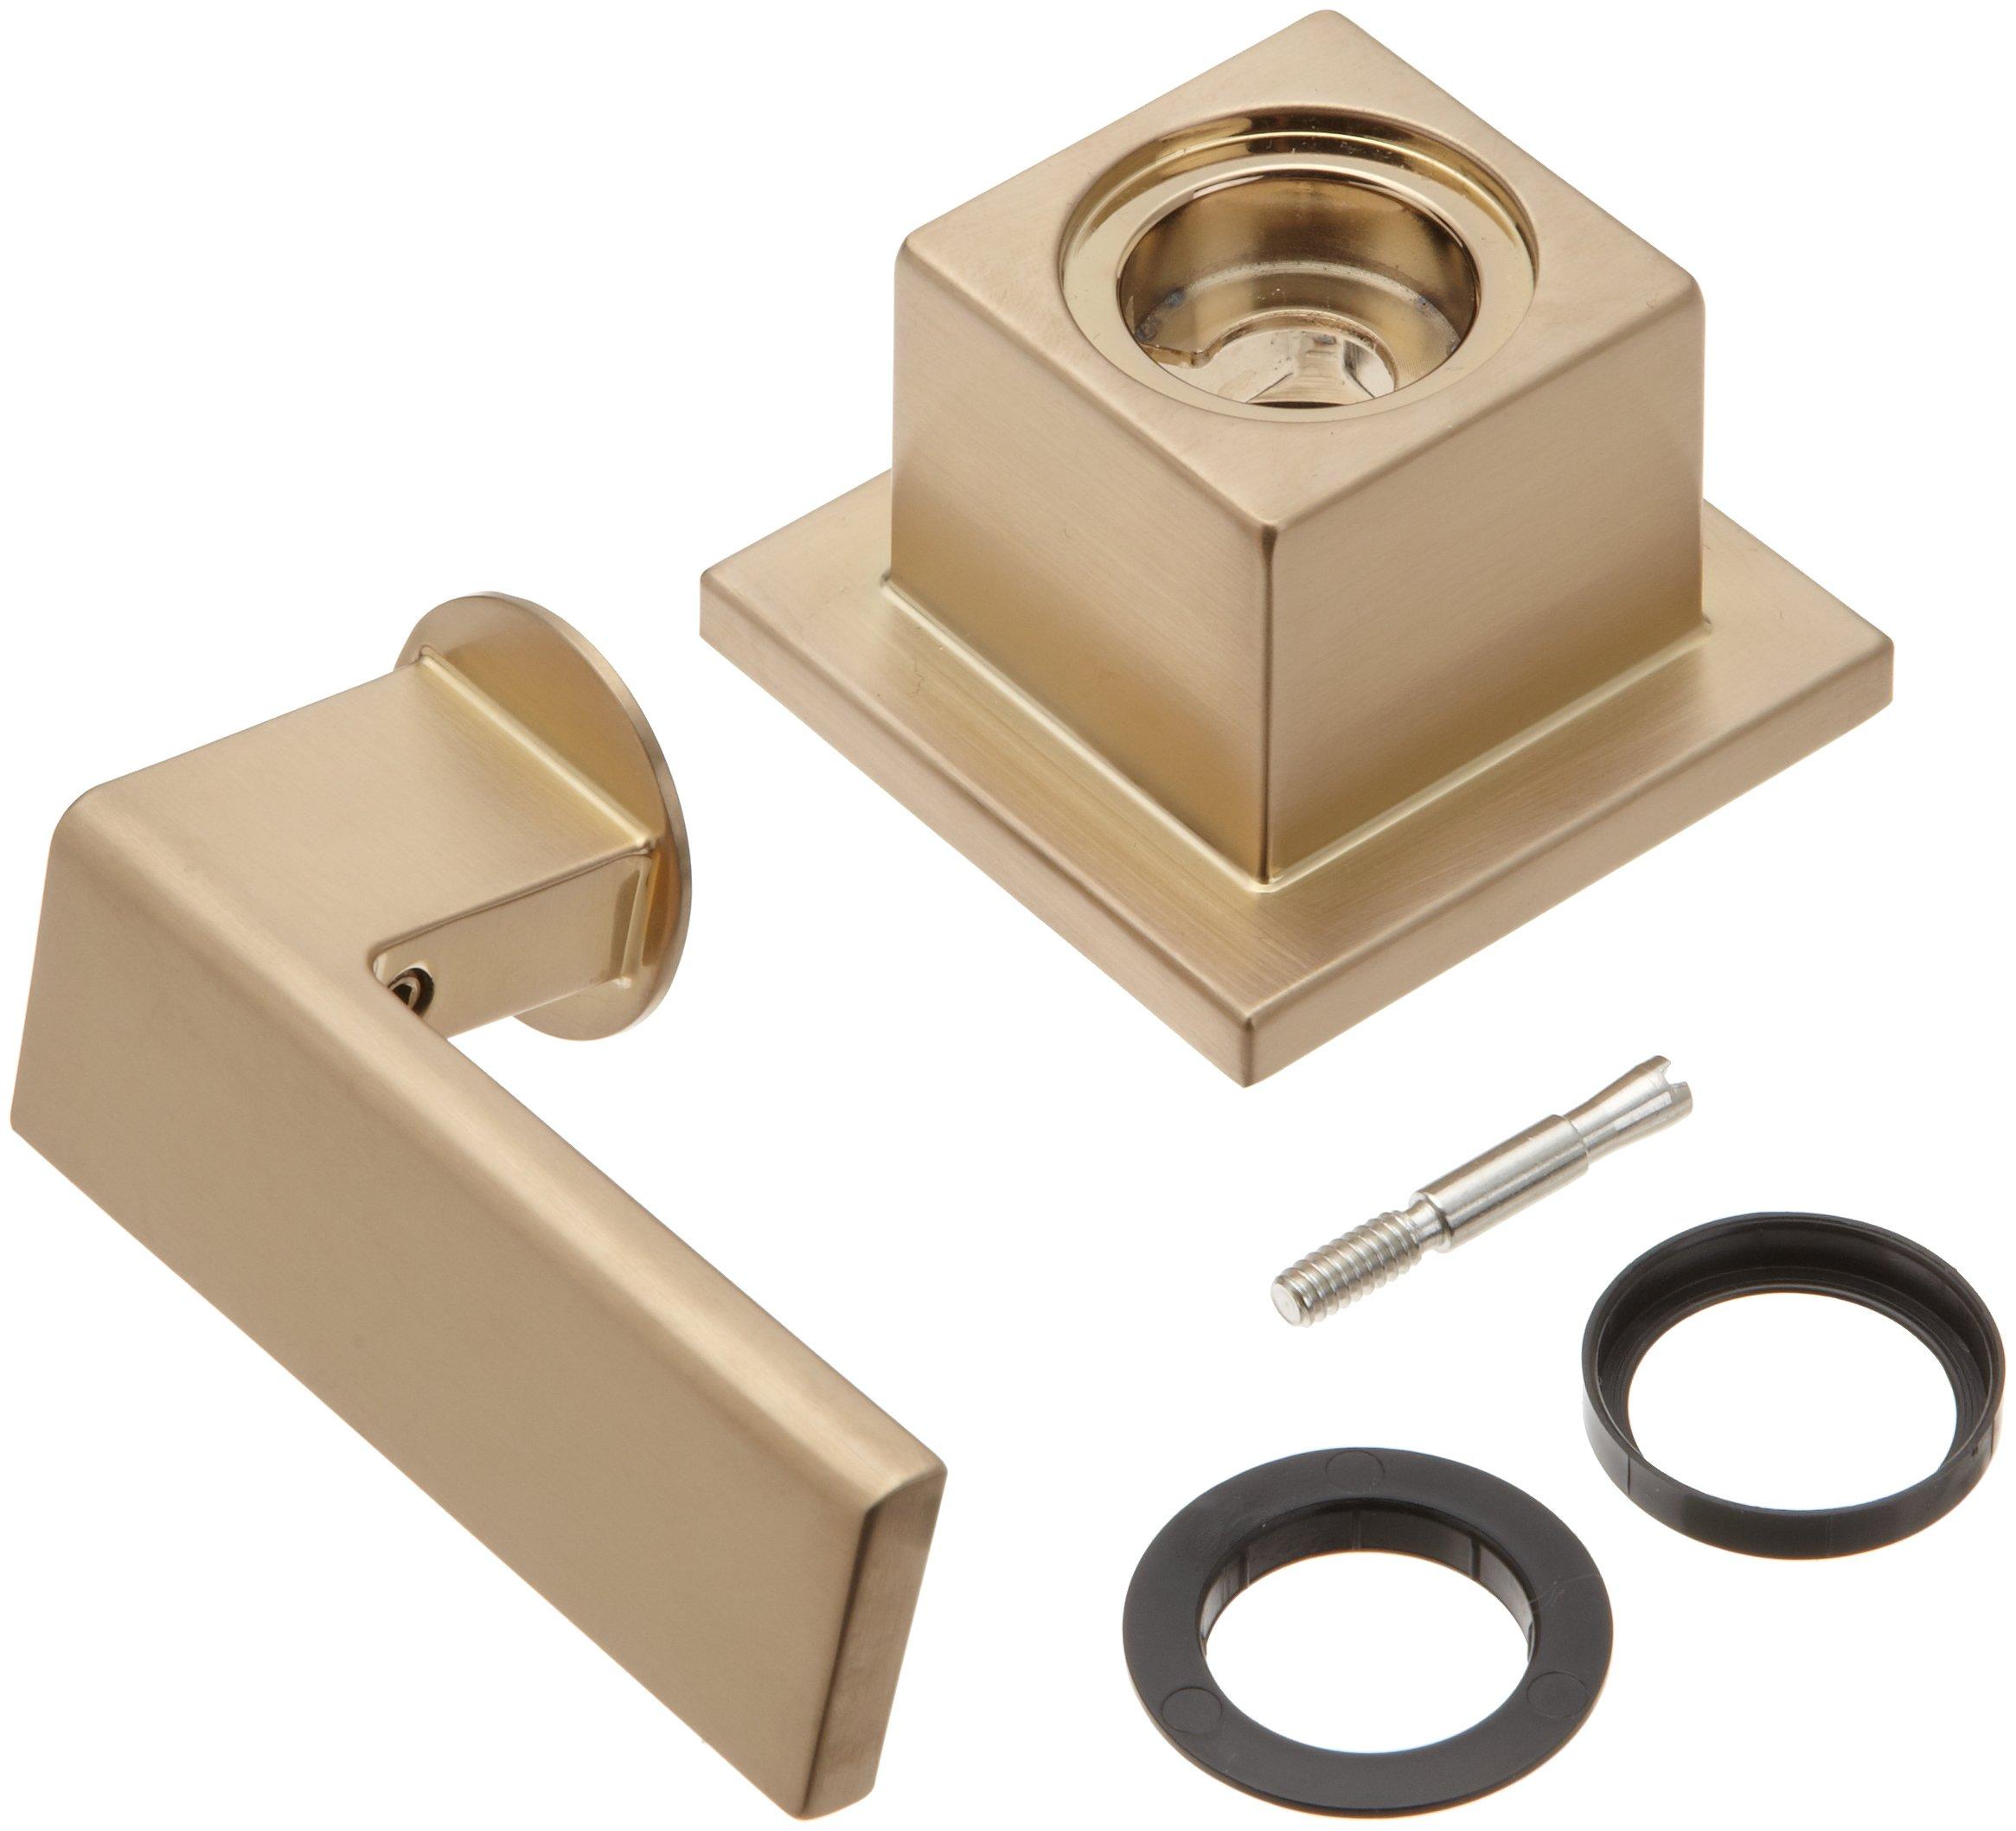 Delta Faucet RP63356CZ Vero Lever Handle Assembly, Champagne Bronze